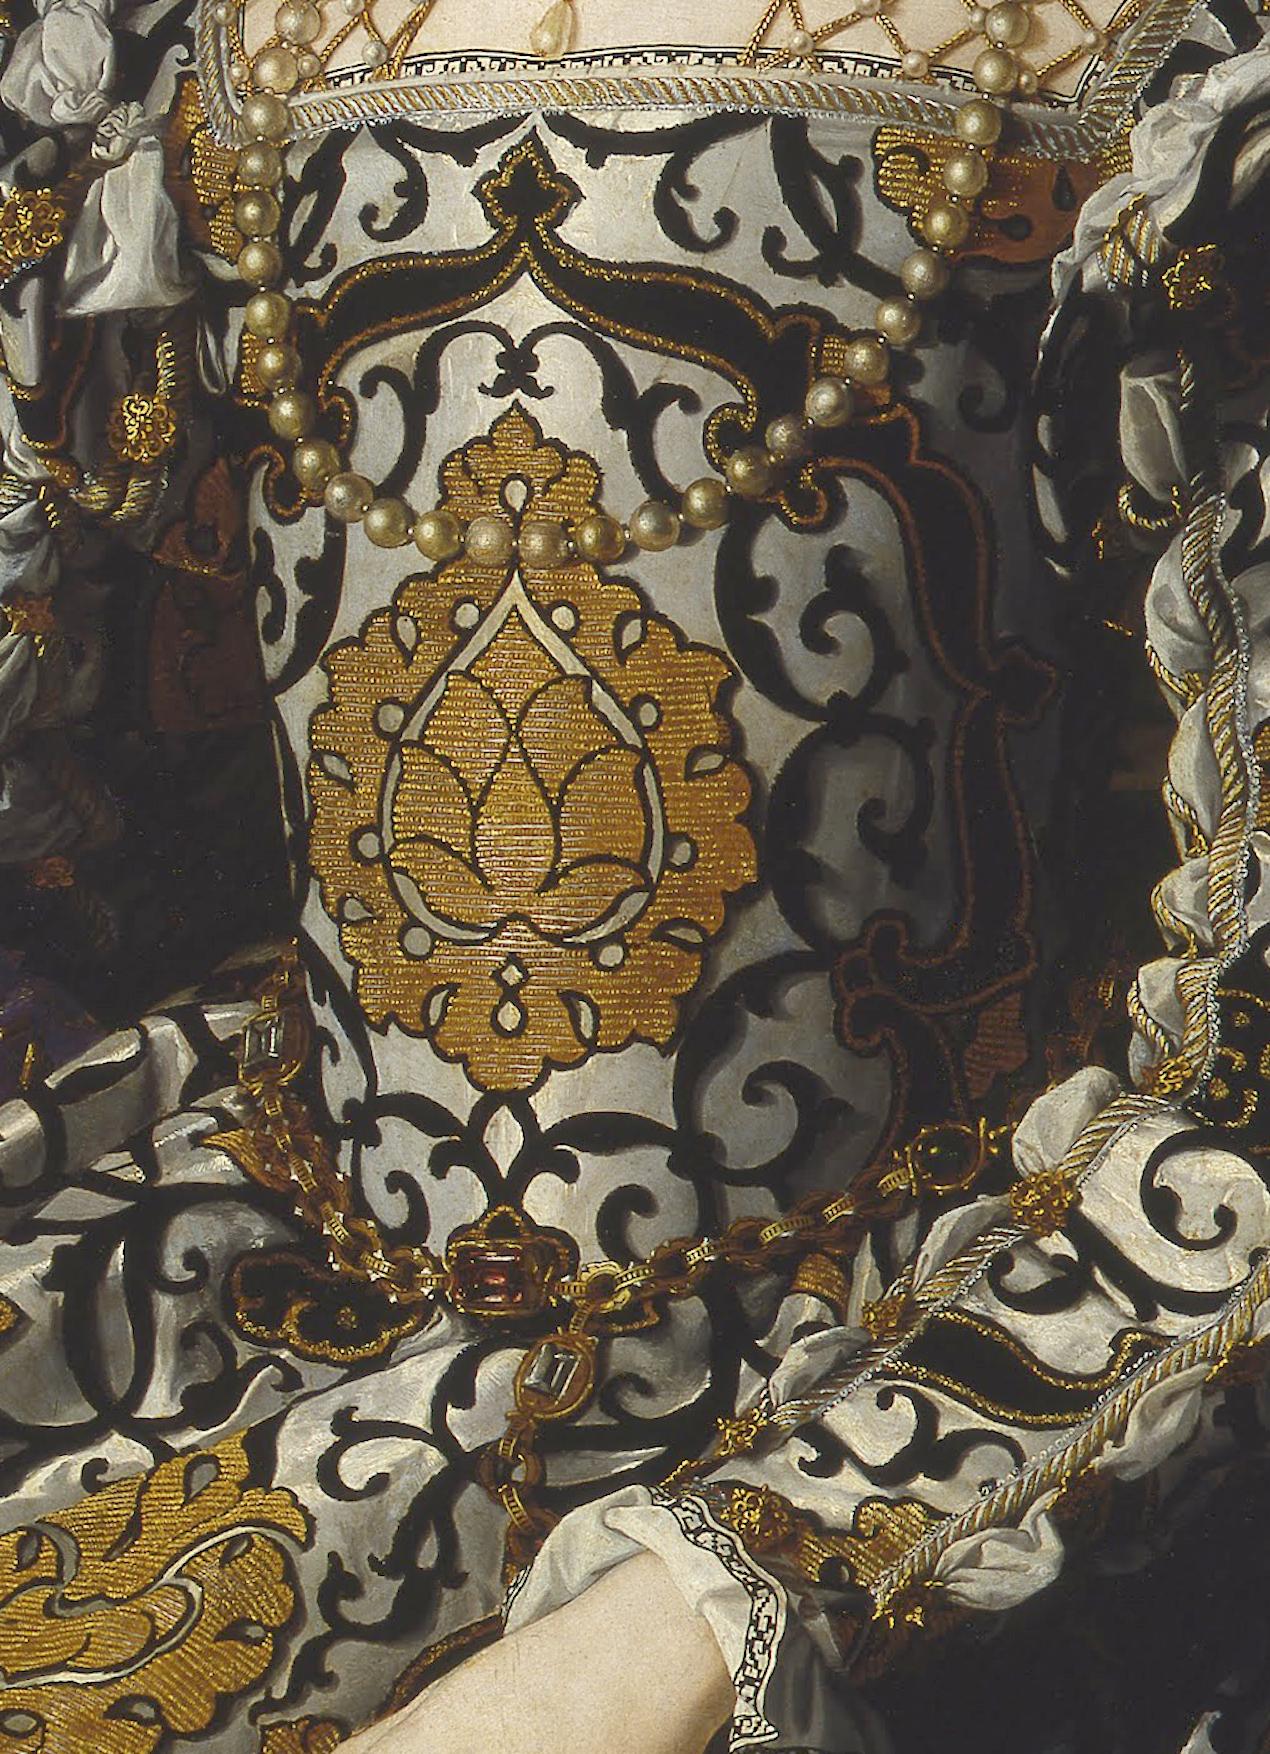 1544 through 1545 Eleonora di Toledo col figlio Giovanni (Galleria degli Uffizi - Firenze, Toscana Italy) fabric and jeweled girdle | Grand Ladies | gogm